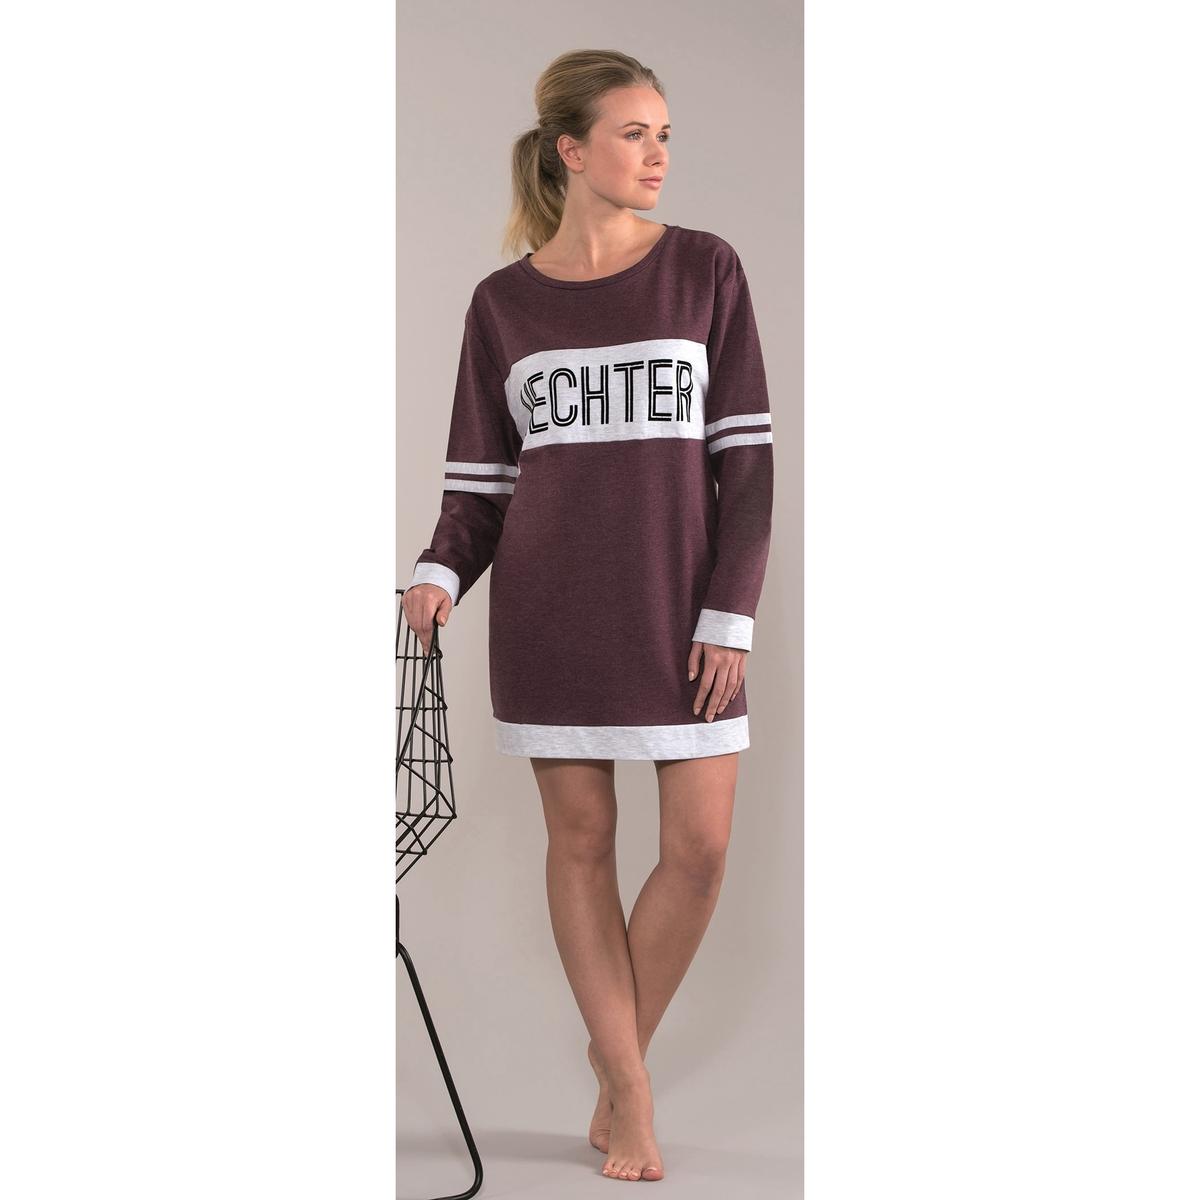 Сорочка ночная, BoyishОписание:Красивая ночная сорочка в виде комфортной рубашки свободного покроя от  Hechter !Рубашка с круглым вырезом, рисунком спереди и вставками. Состав и описание : •  Материал : 60% хлопка,  40% полиэстера -  Вставка 98% хлопка, 2% полиэстера •  Марка : Hechter Studio •  Модель :  BOYISHУход: : Машинная стирка при 30 °С на деликатном режиме с вещами схожих цветов.Стирать и гладить при низкой температуре с изнаночной стороны.Машинная сушка запрещена.<br><br>Цвет: красно-фиолетовый<br>Размер: M